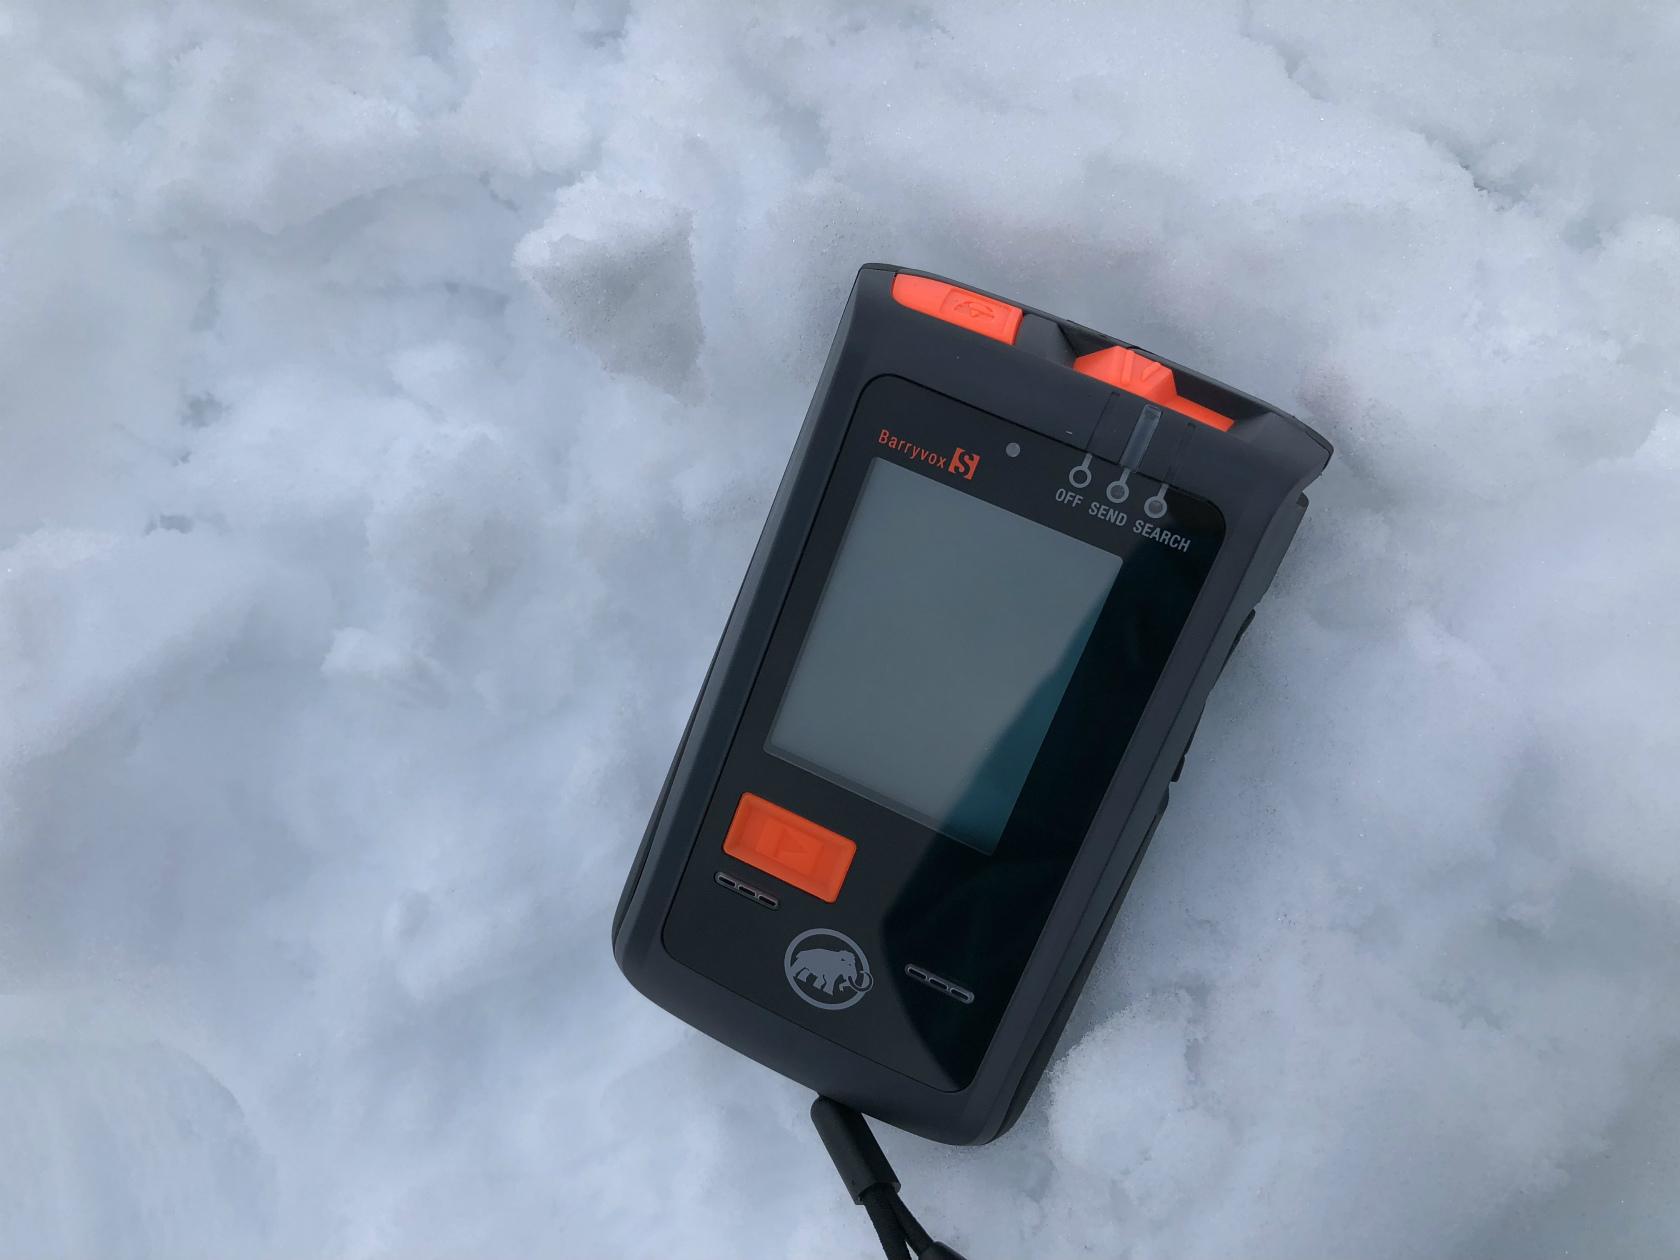 新型雪崩トランシーバ「Barryvox S」_d0110562_14460109.jpg